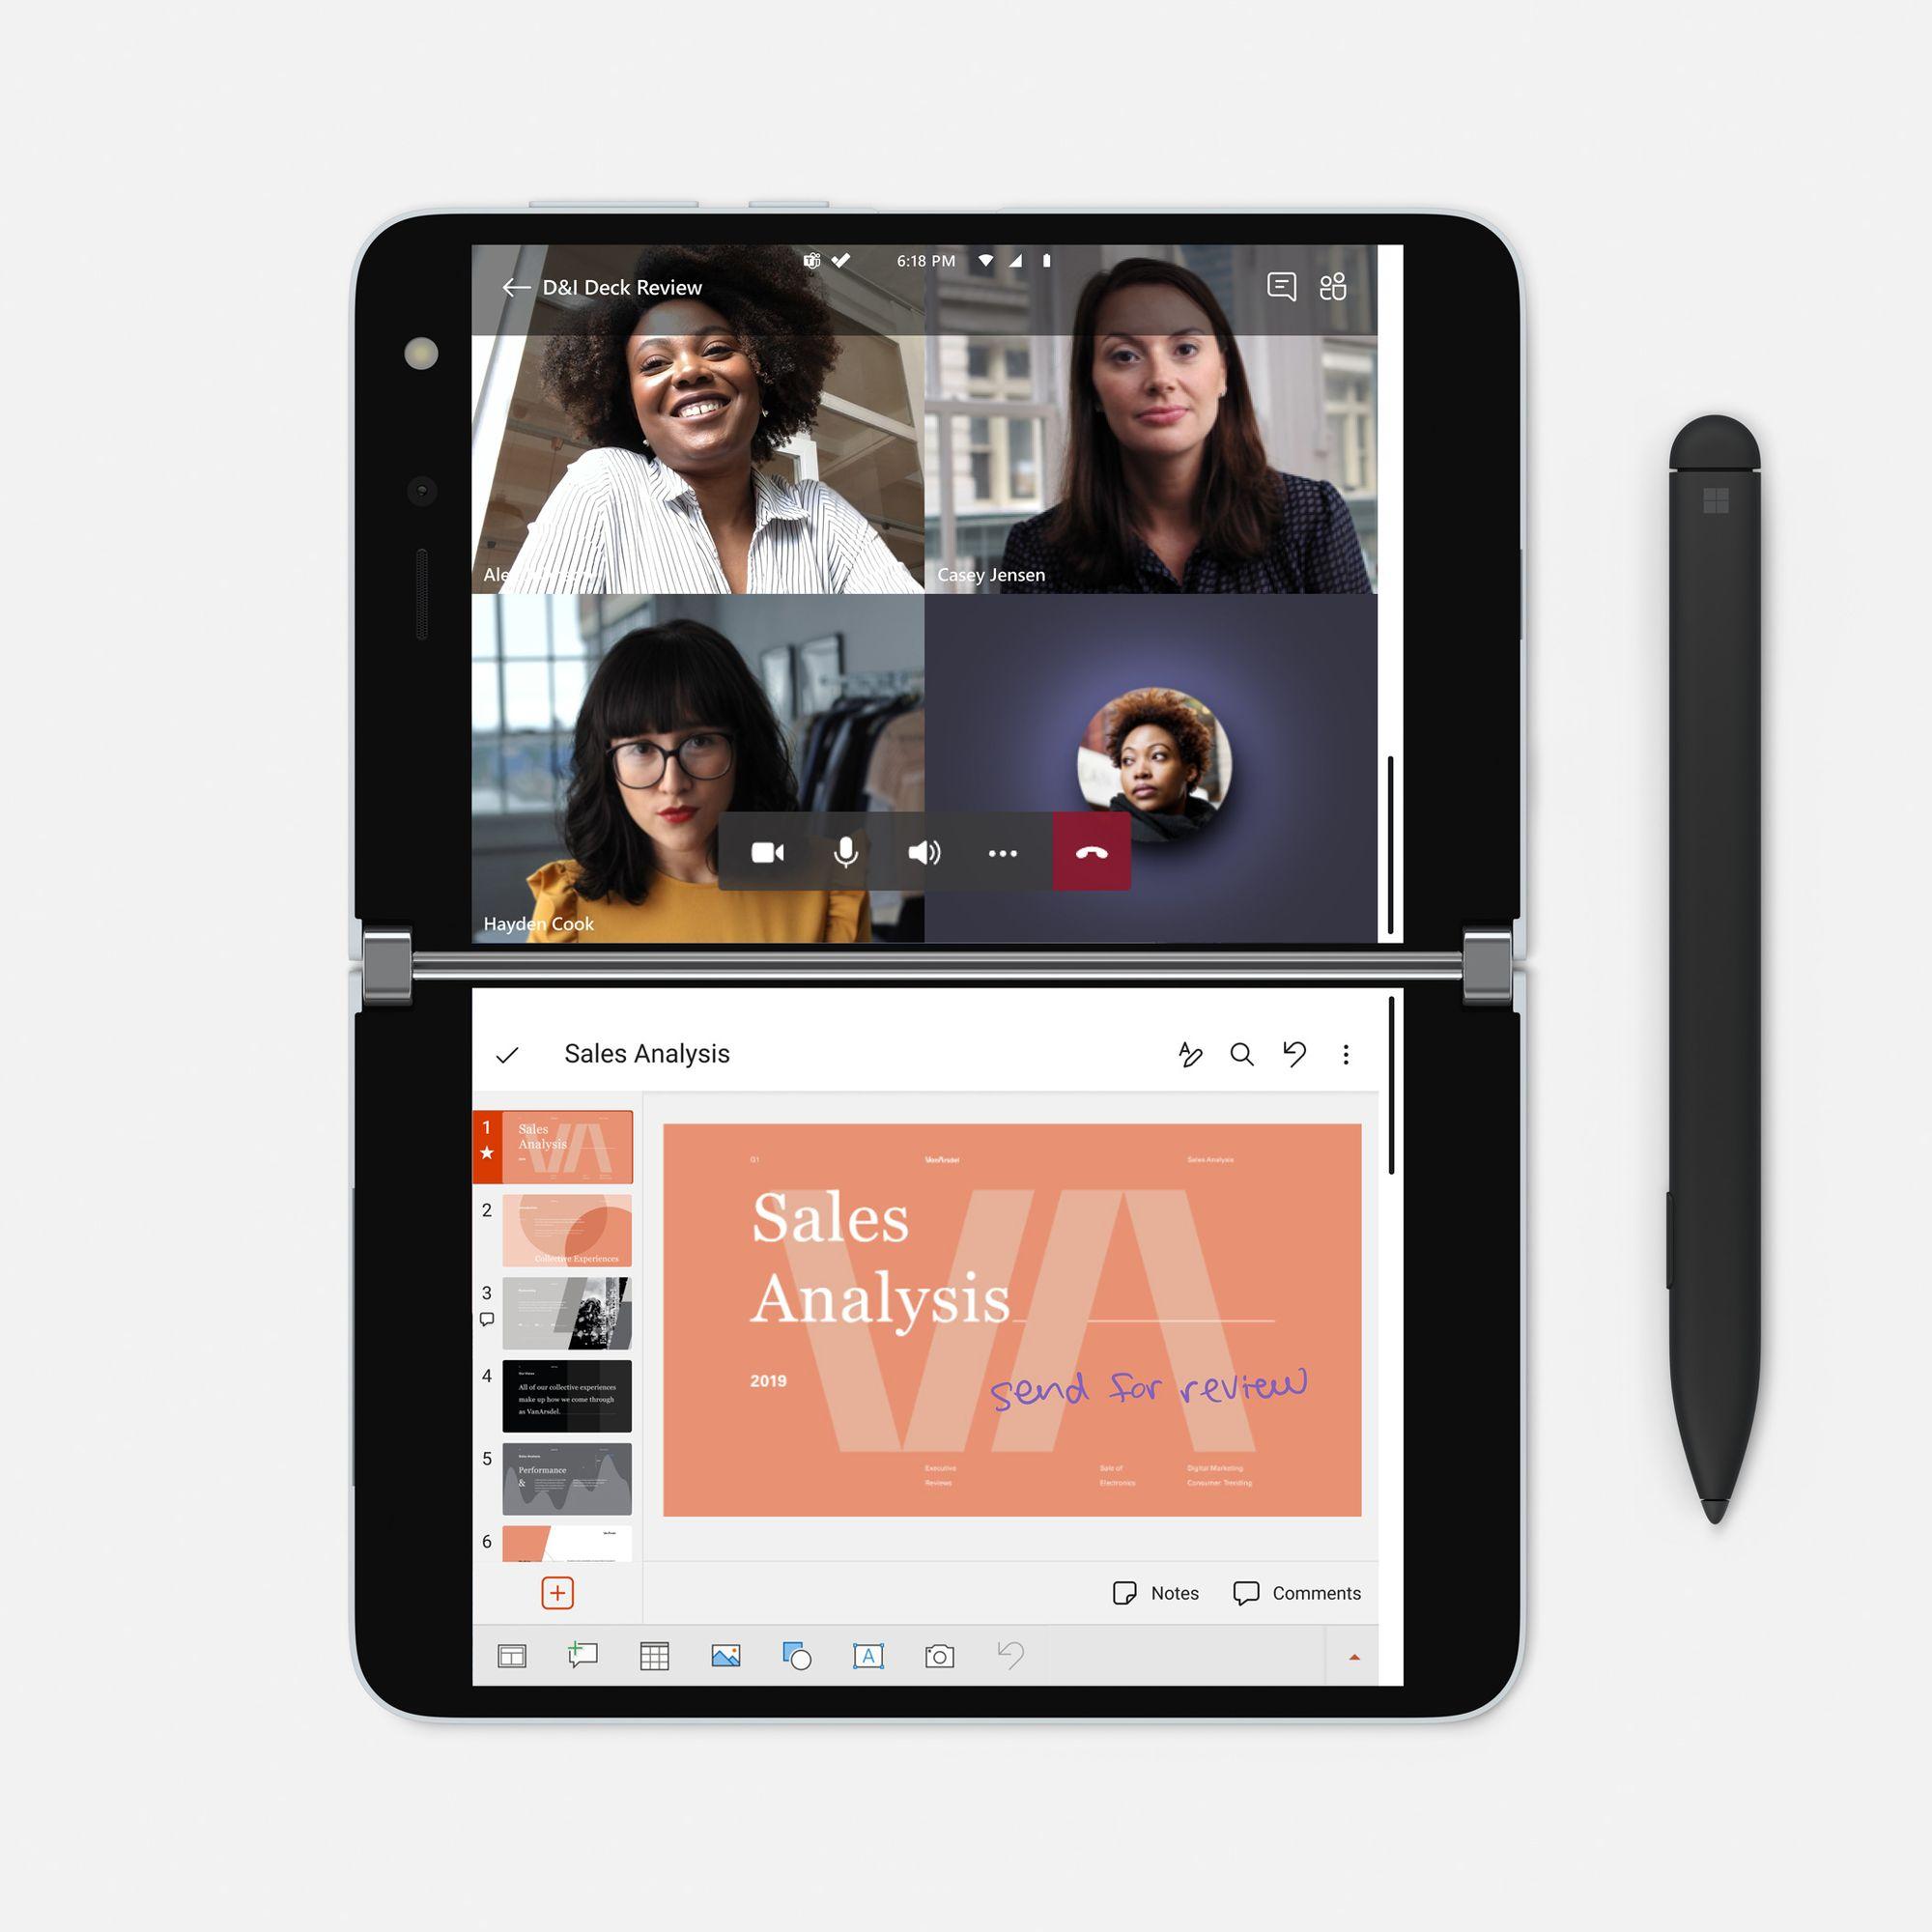 Das Surface Duo im Compose Mode zeigt auf dem oberen Bildschirm einen Video Call in Microsoft Teams und auf dem unteren Bildschirm eine PowerPoint Praesentation, neben dem Surface Duo liegt ein Surface Slim Pen